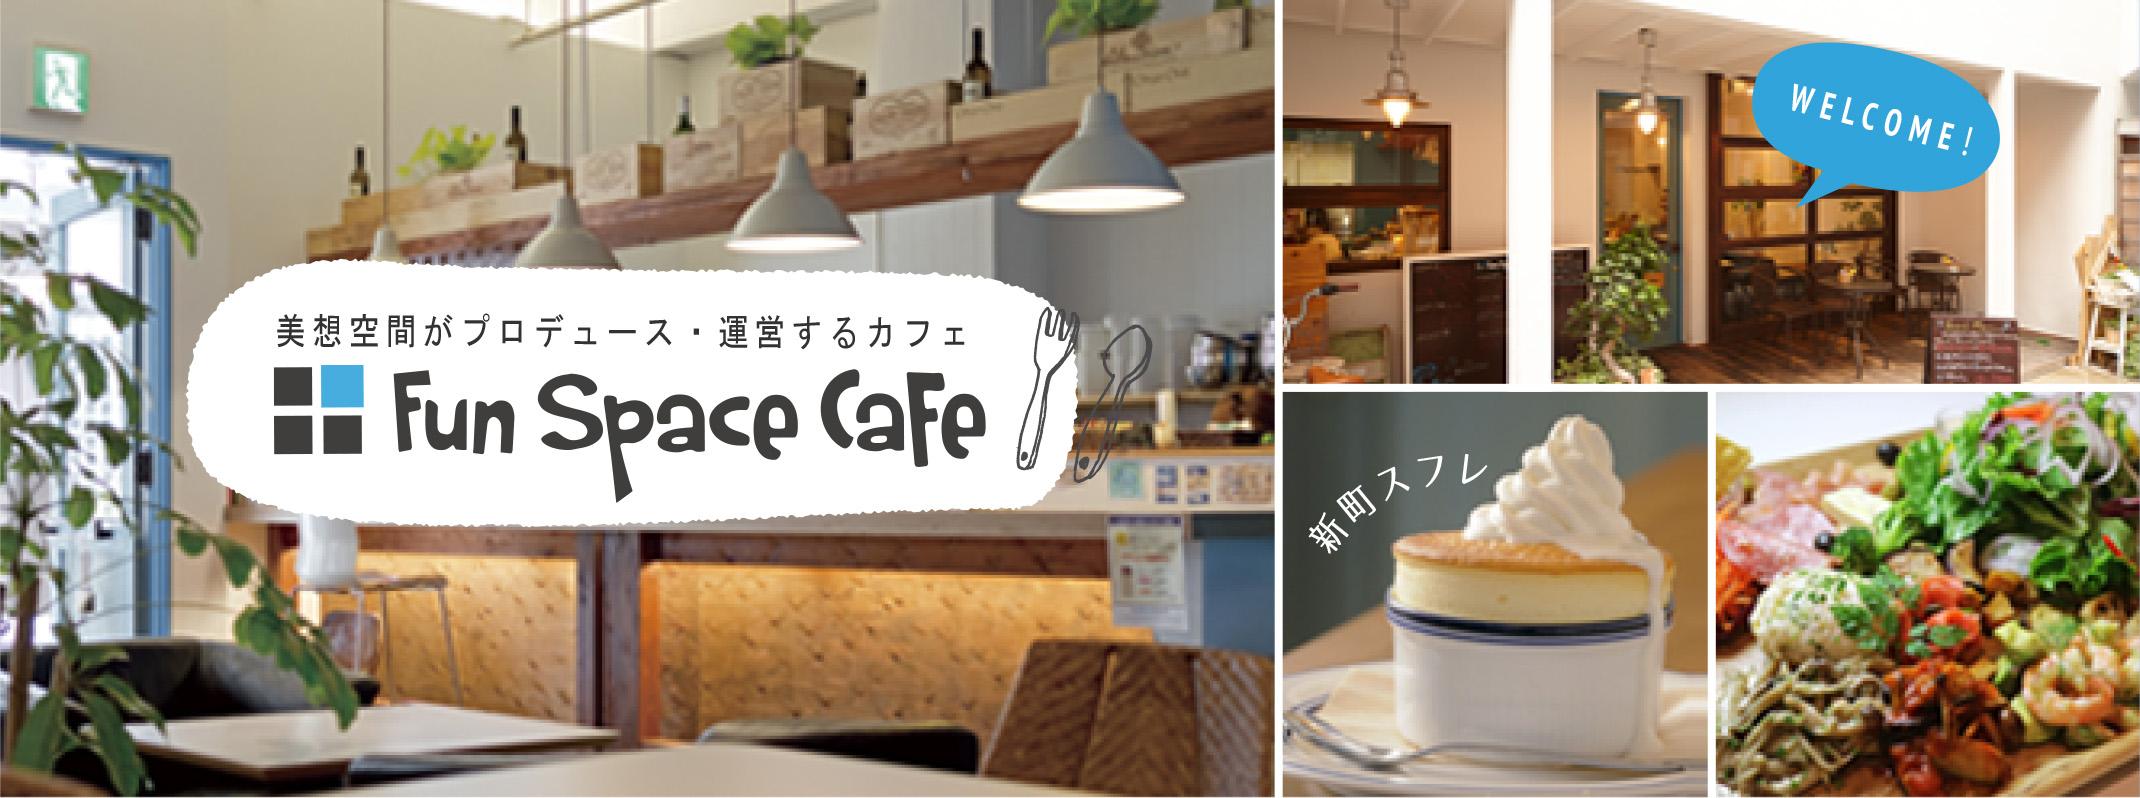 美想空間がプロデュース・運営するカフェ Fun Space Cafe